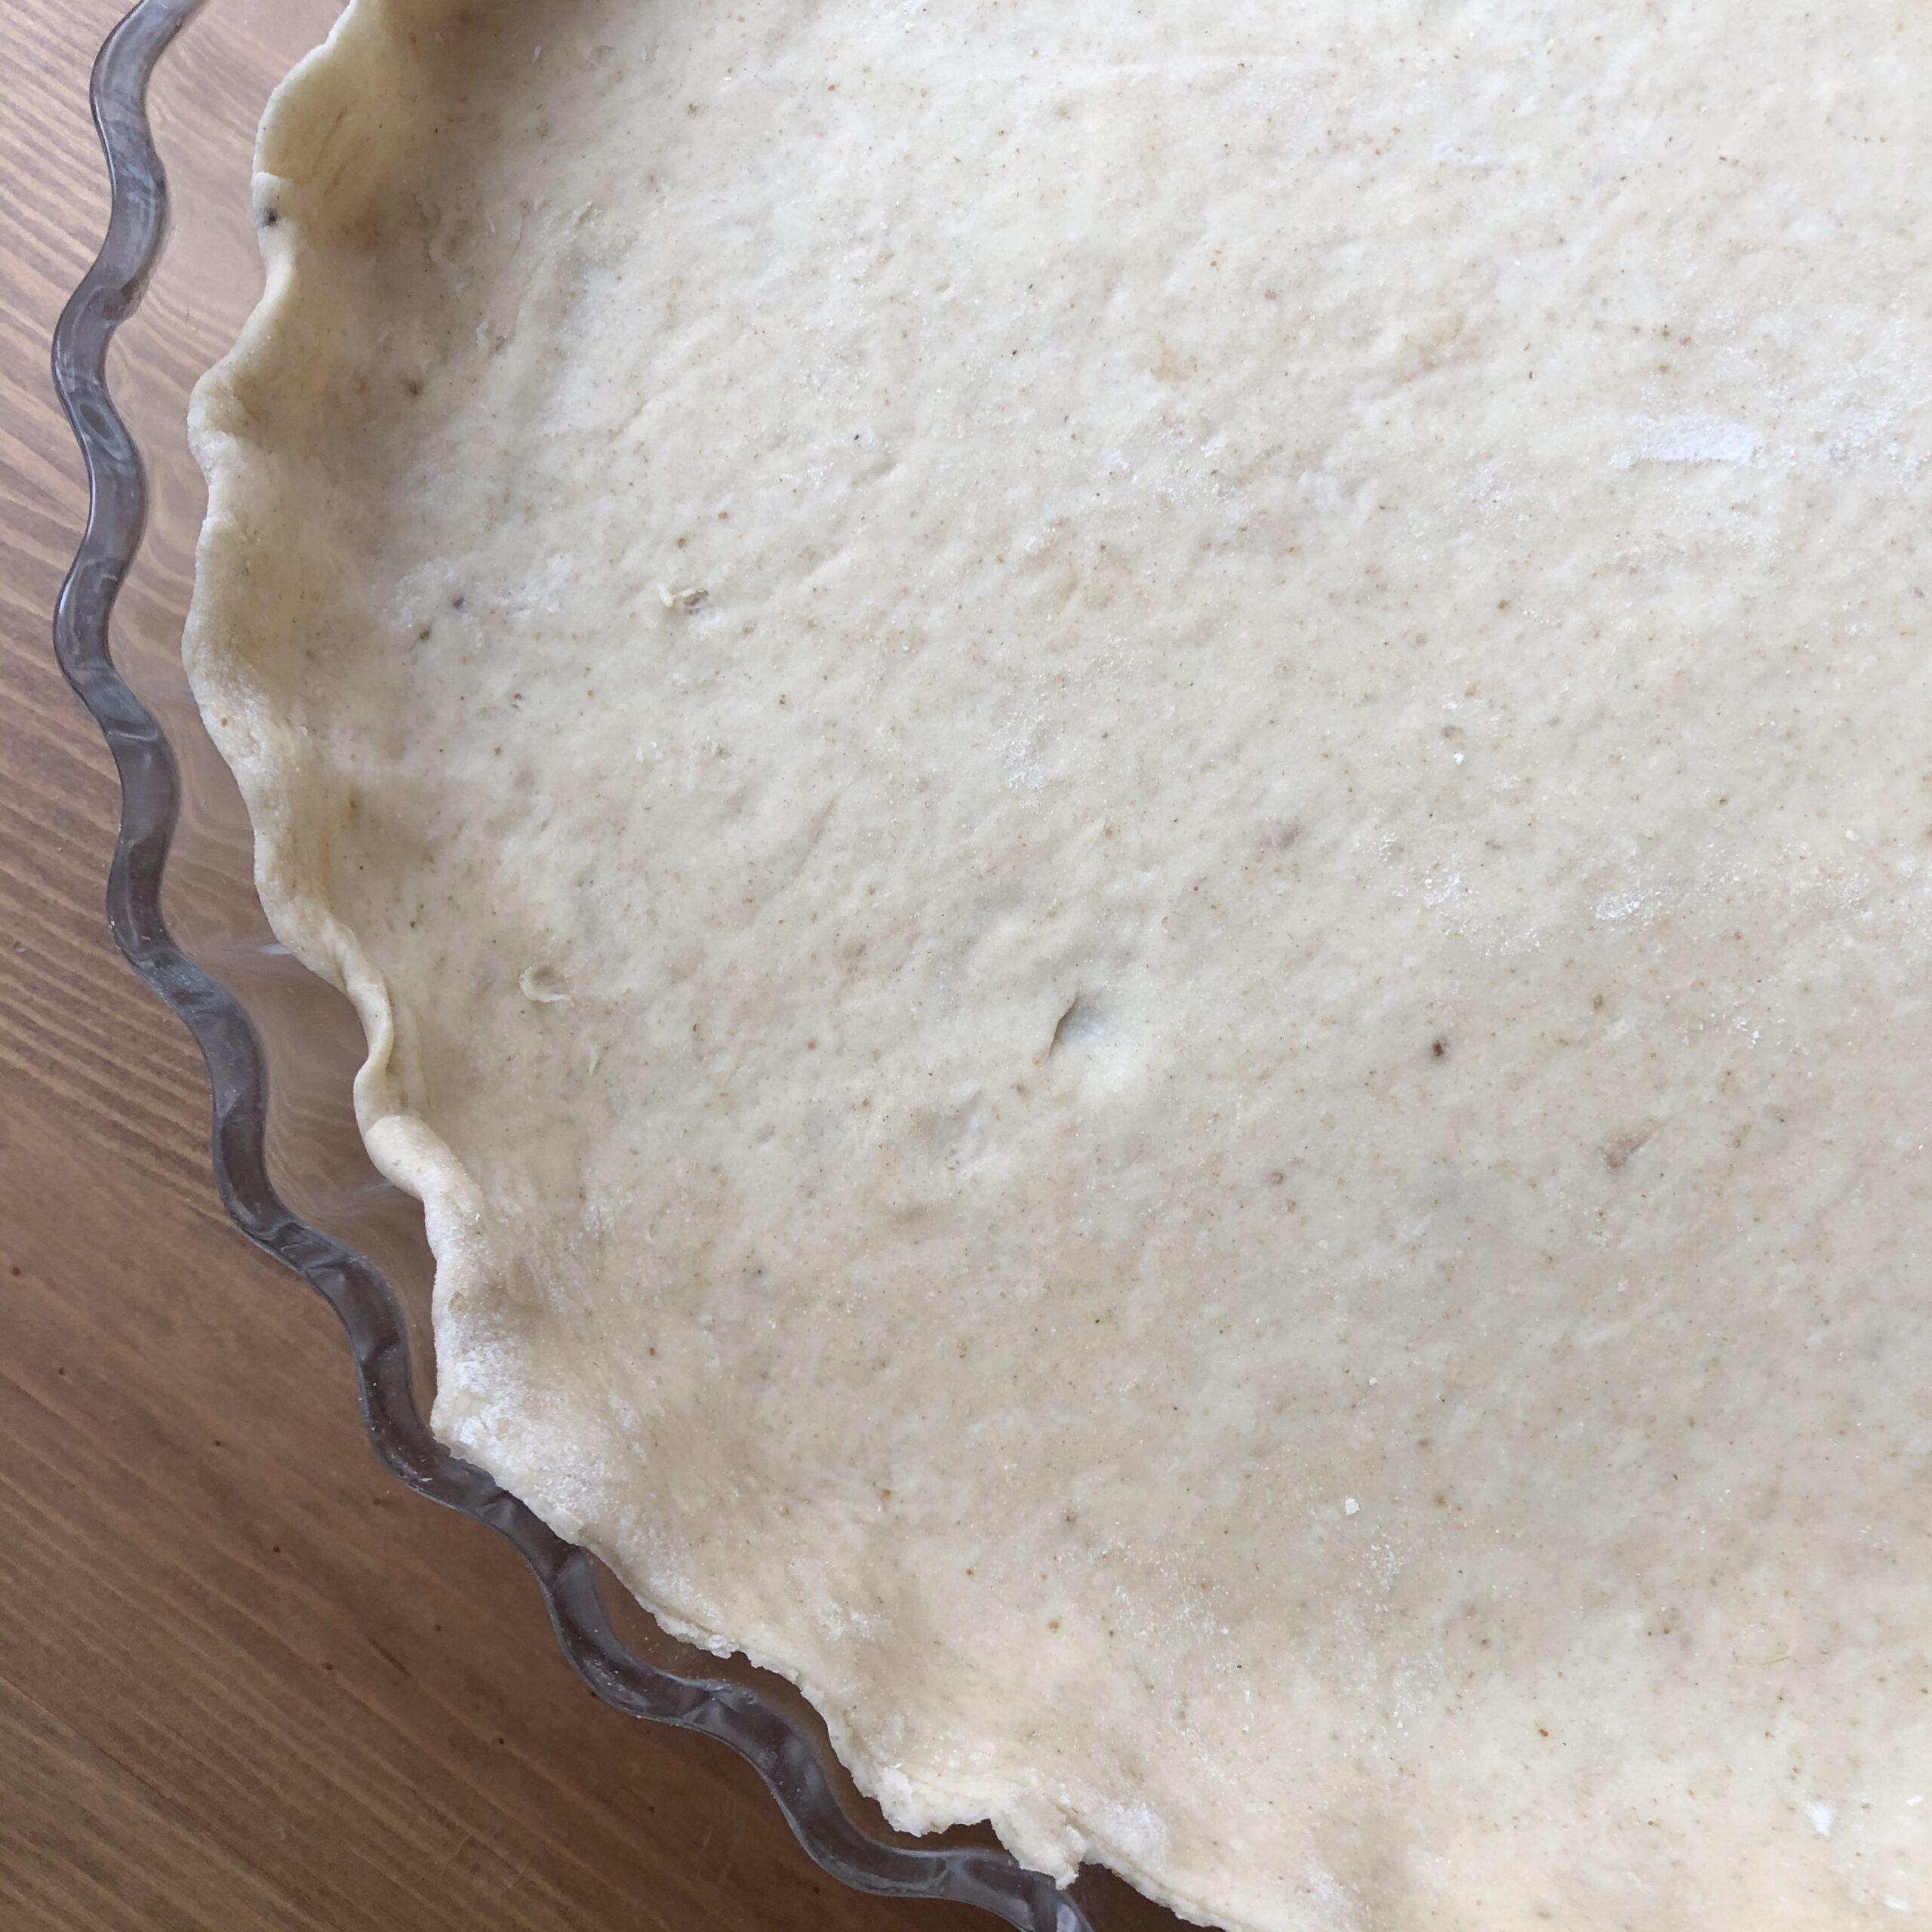 Zwiebelkuchen Teig ausgerollt